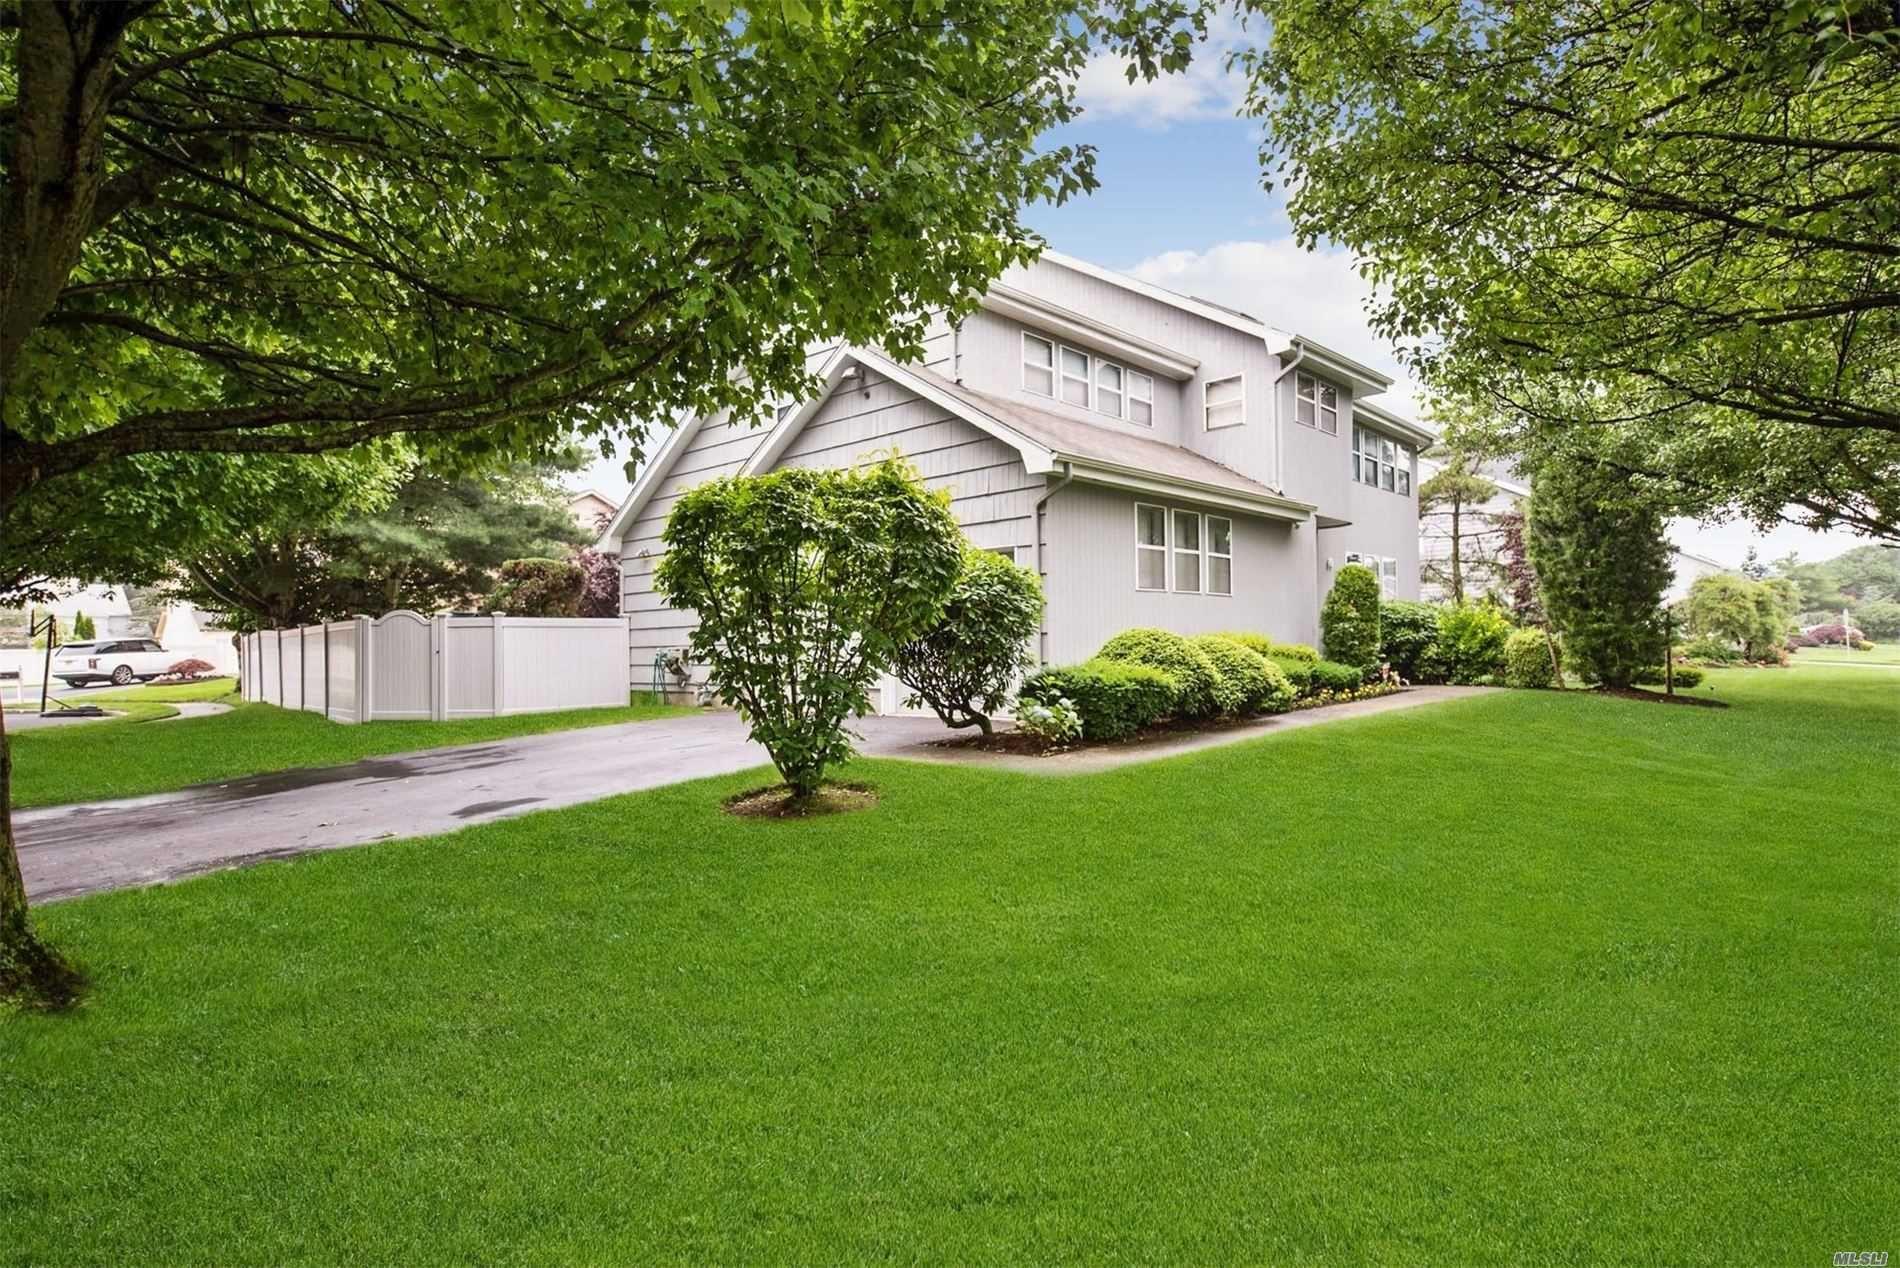 22 Daffodil Drive, Farmingdale, NY 11735 - MLS#: 3227336